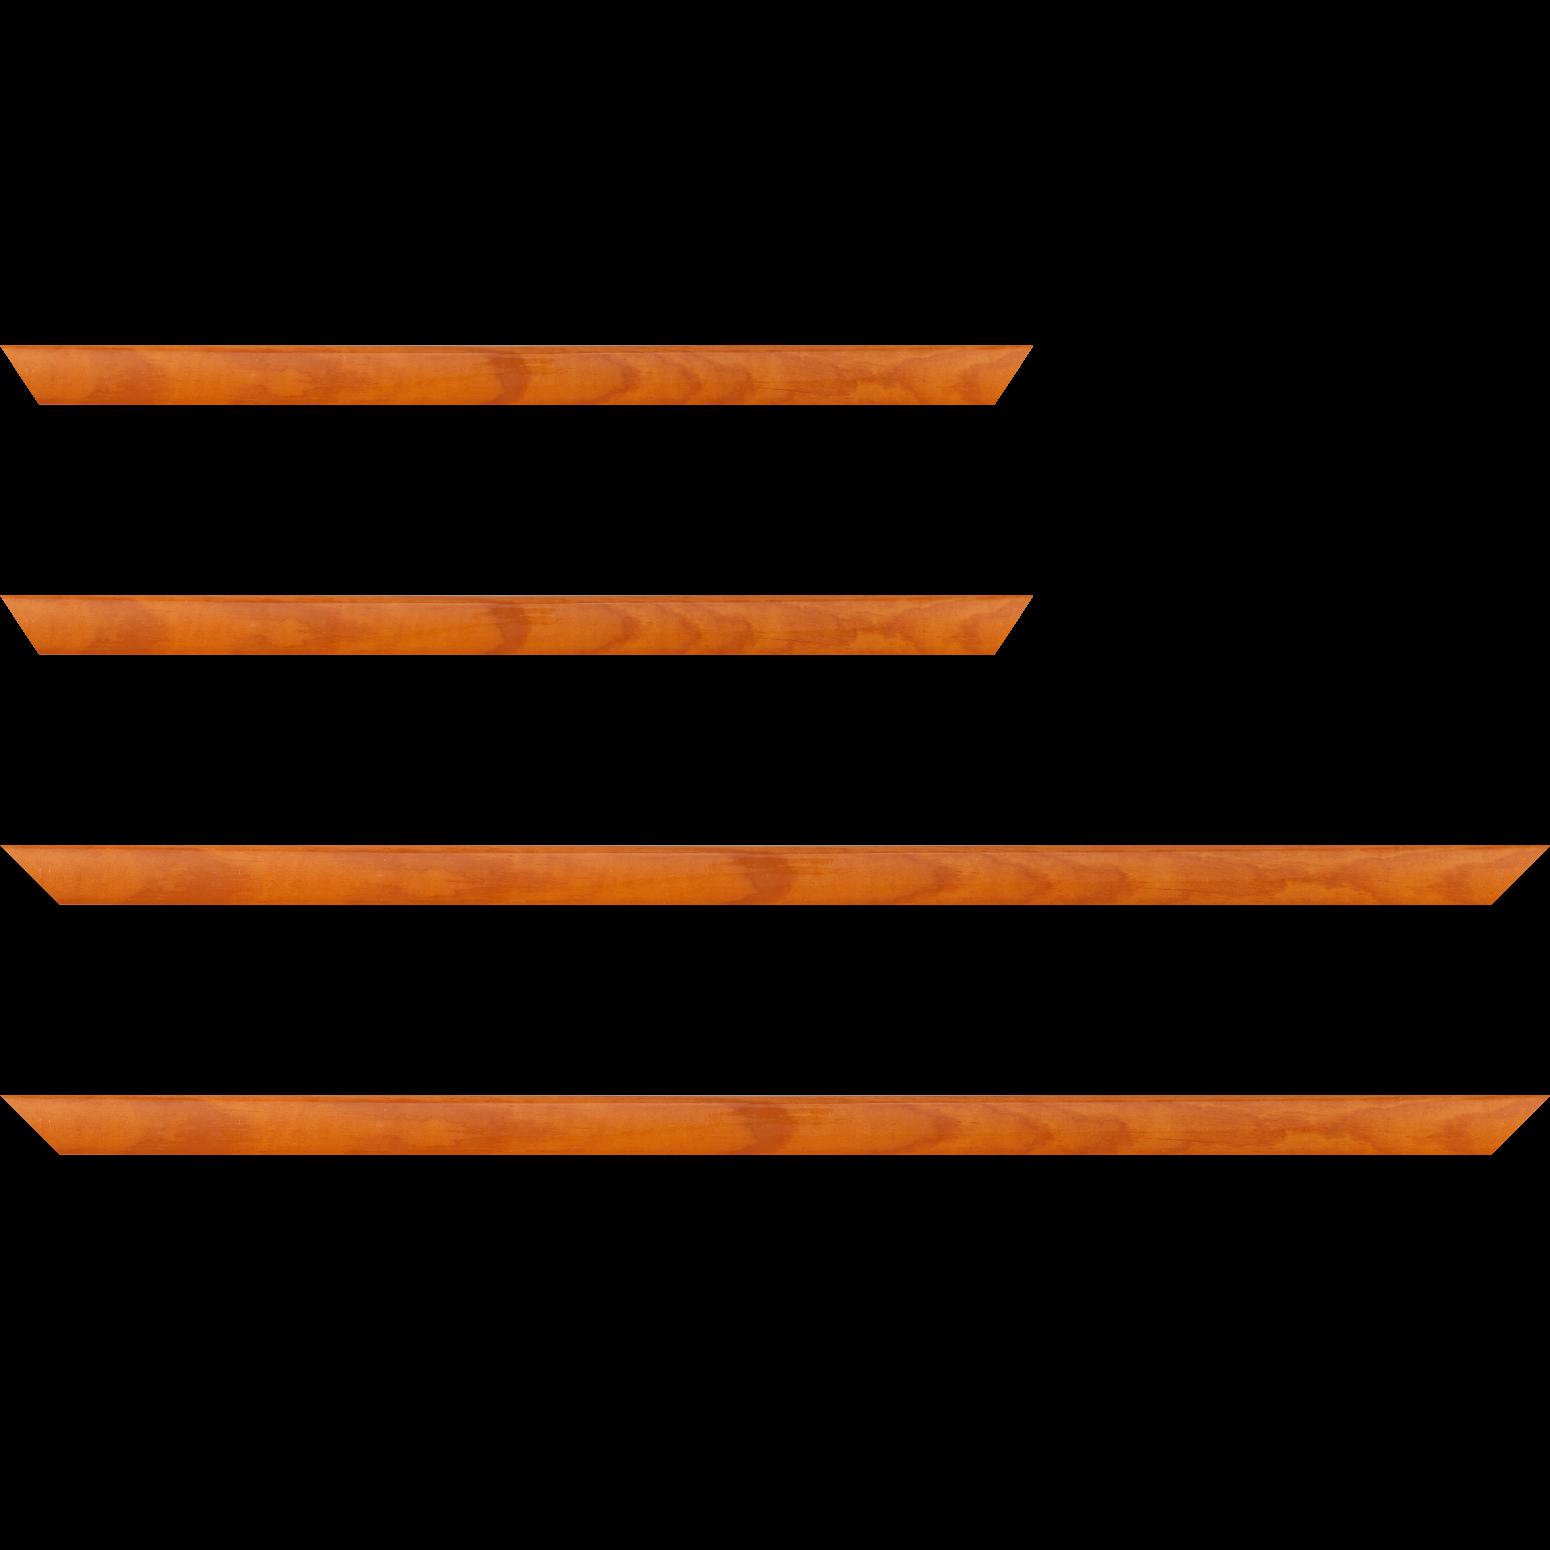 Baguette service précoupé Bois profil arrondi plongeant largeur 2cm couleur orange vernis sur pin (veine du bois apparent)